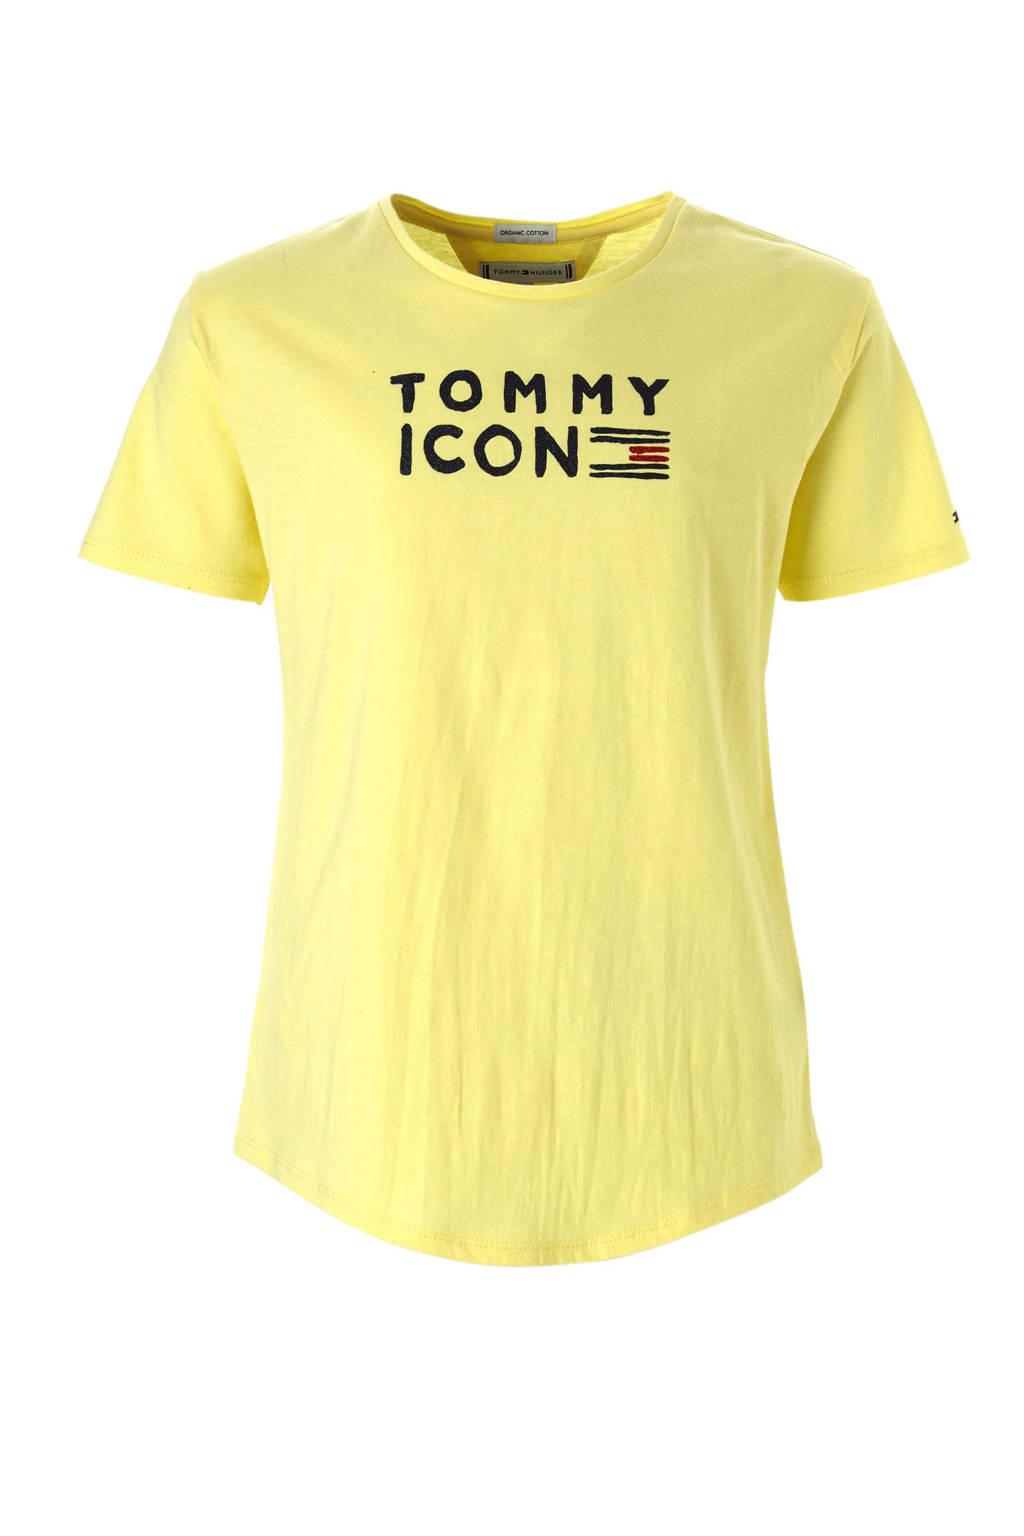 Tommy Hilfiger T-shirt met logo lichtgeel, Lichtgeel